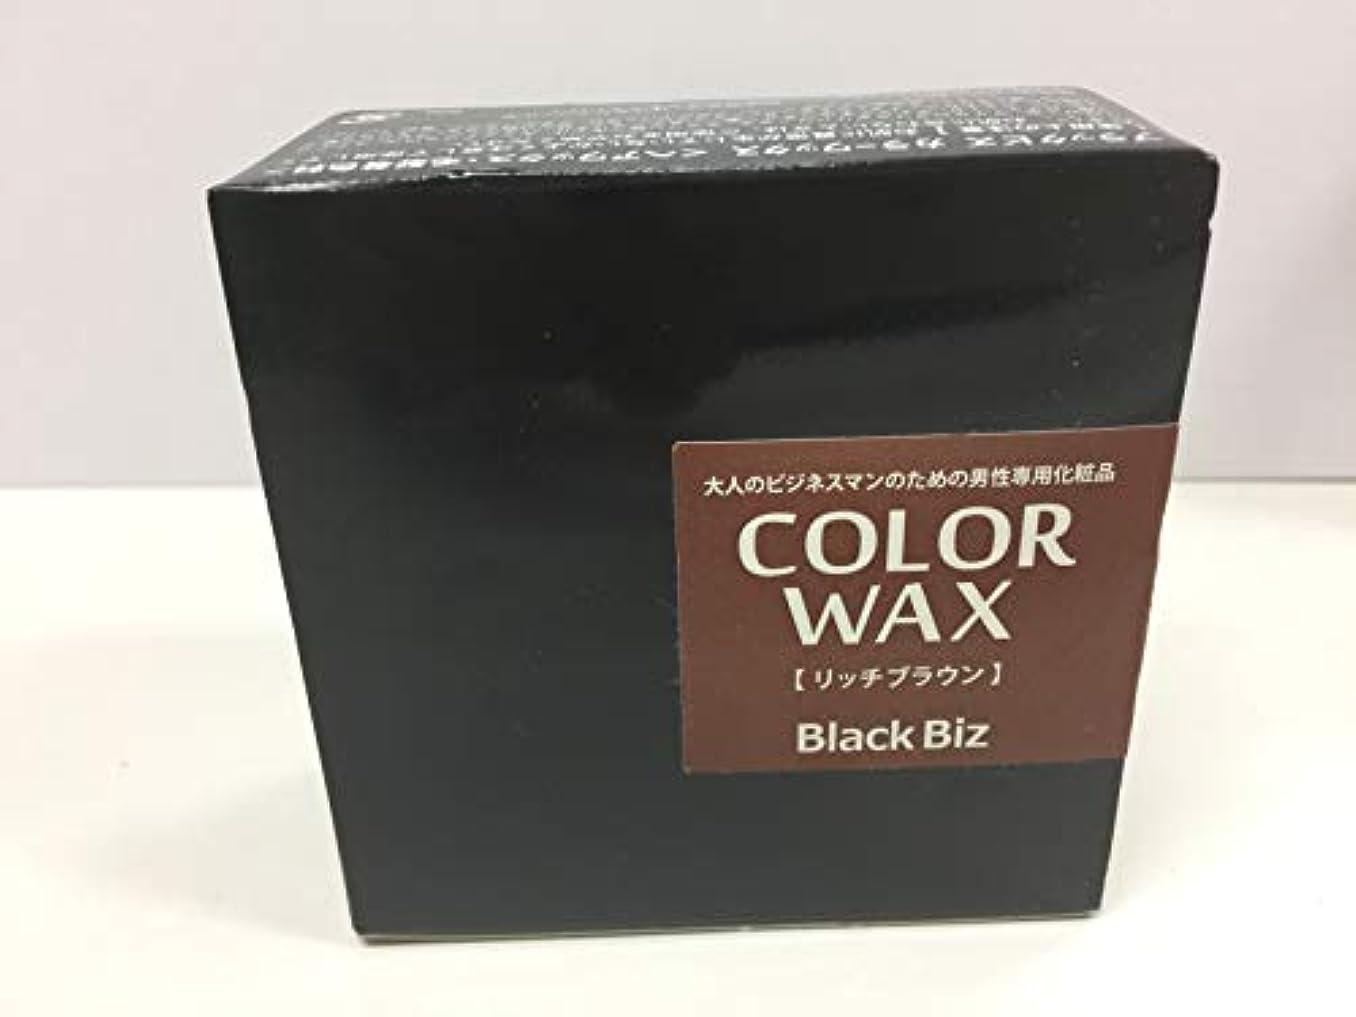 解き明かす大使館建築家大人のビジネスマンのための男性専用化粧品 BlackBiz COLOR WAX ブラックビズ カラーワックス 【リッチブラウン】